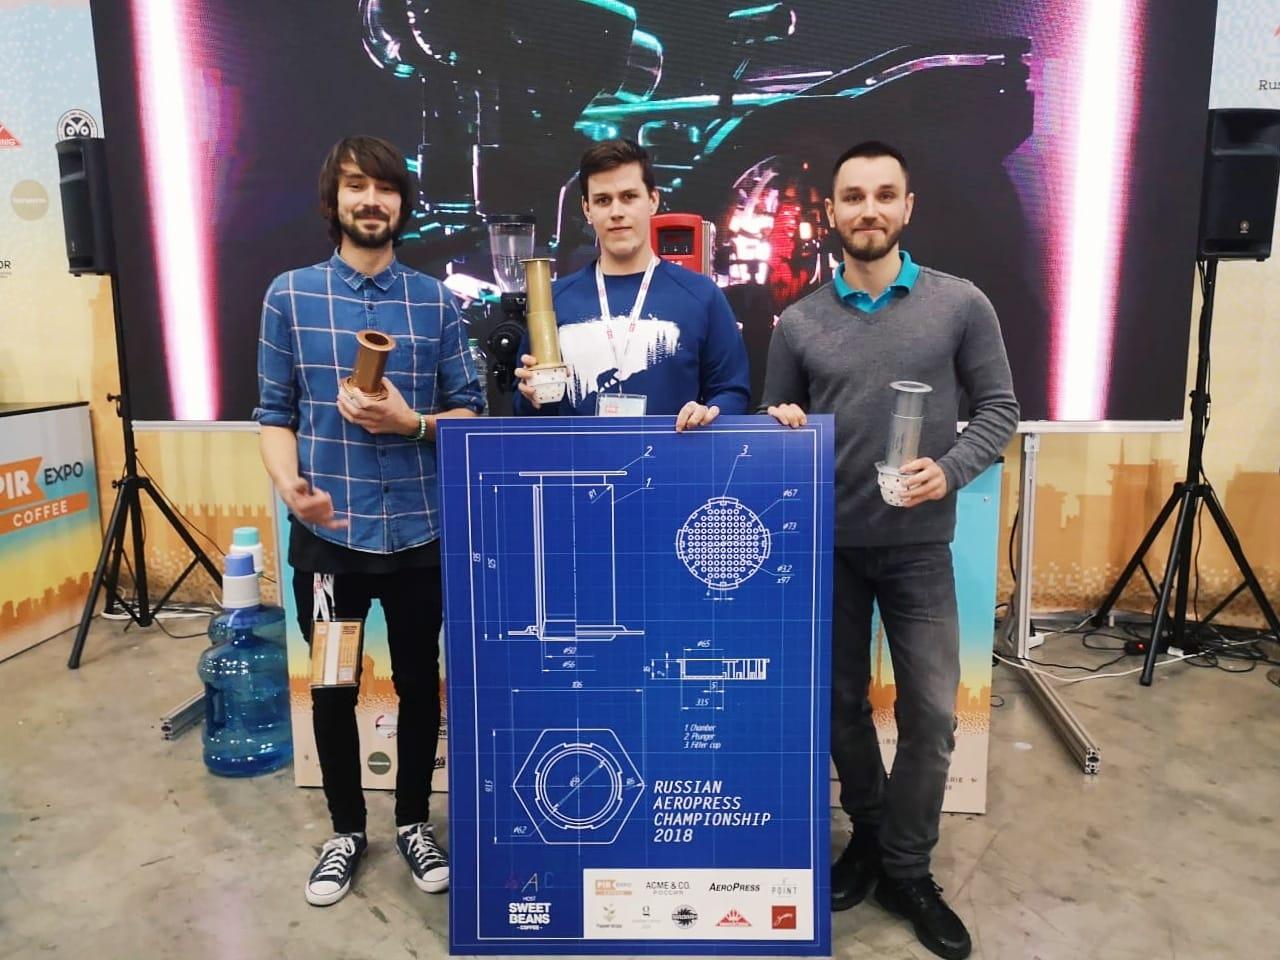 Победители чемпионата России по Аэропресс